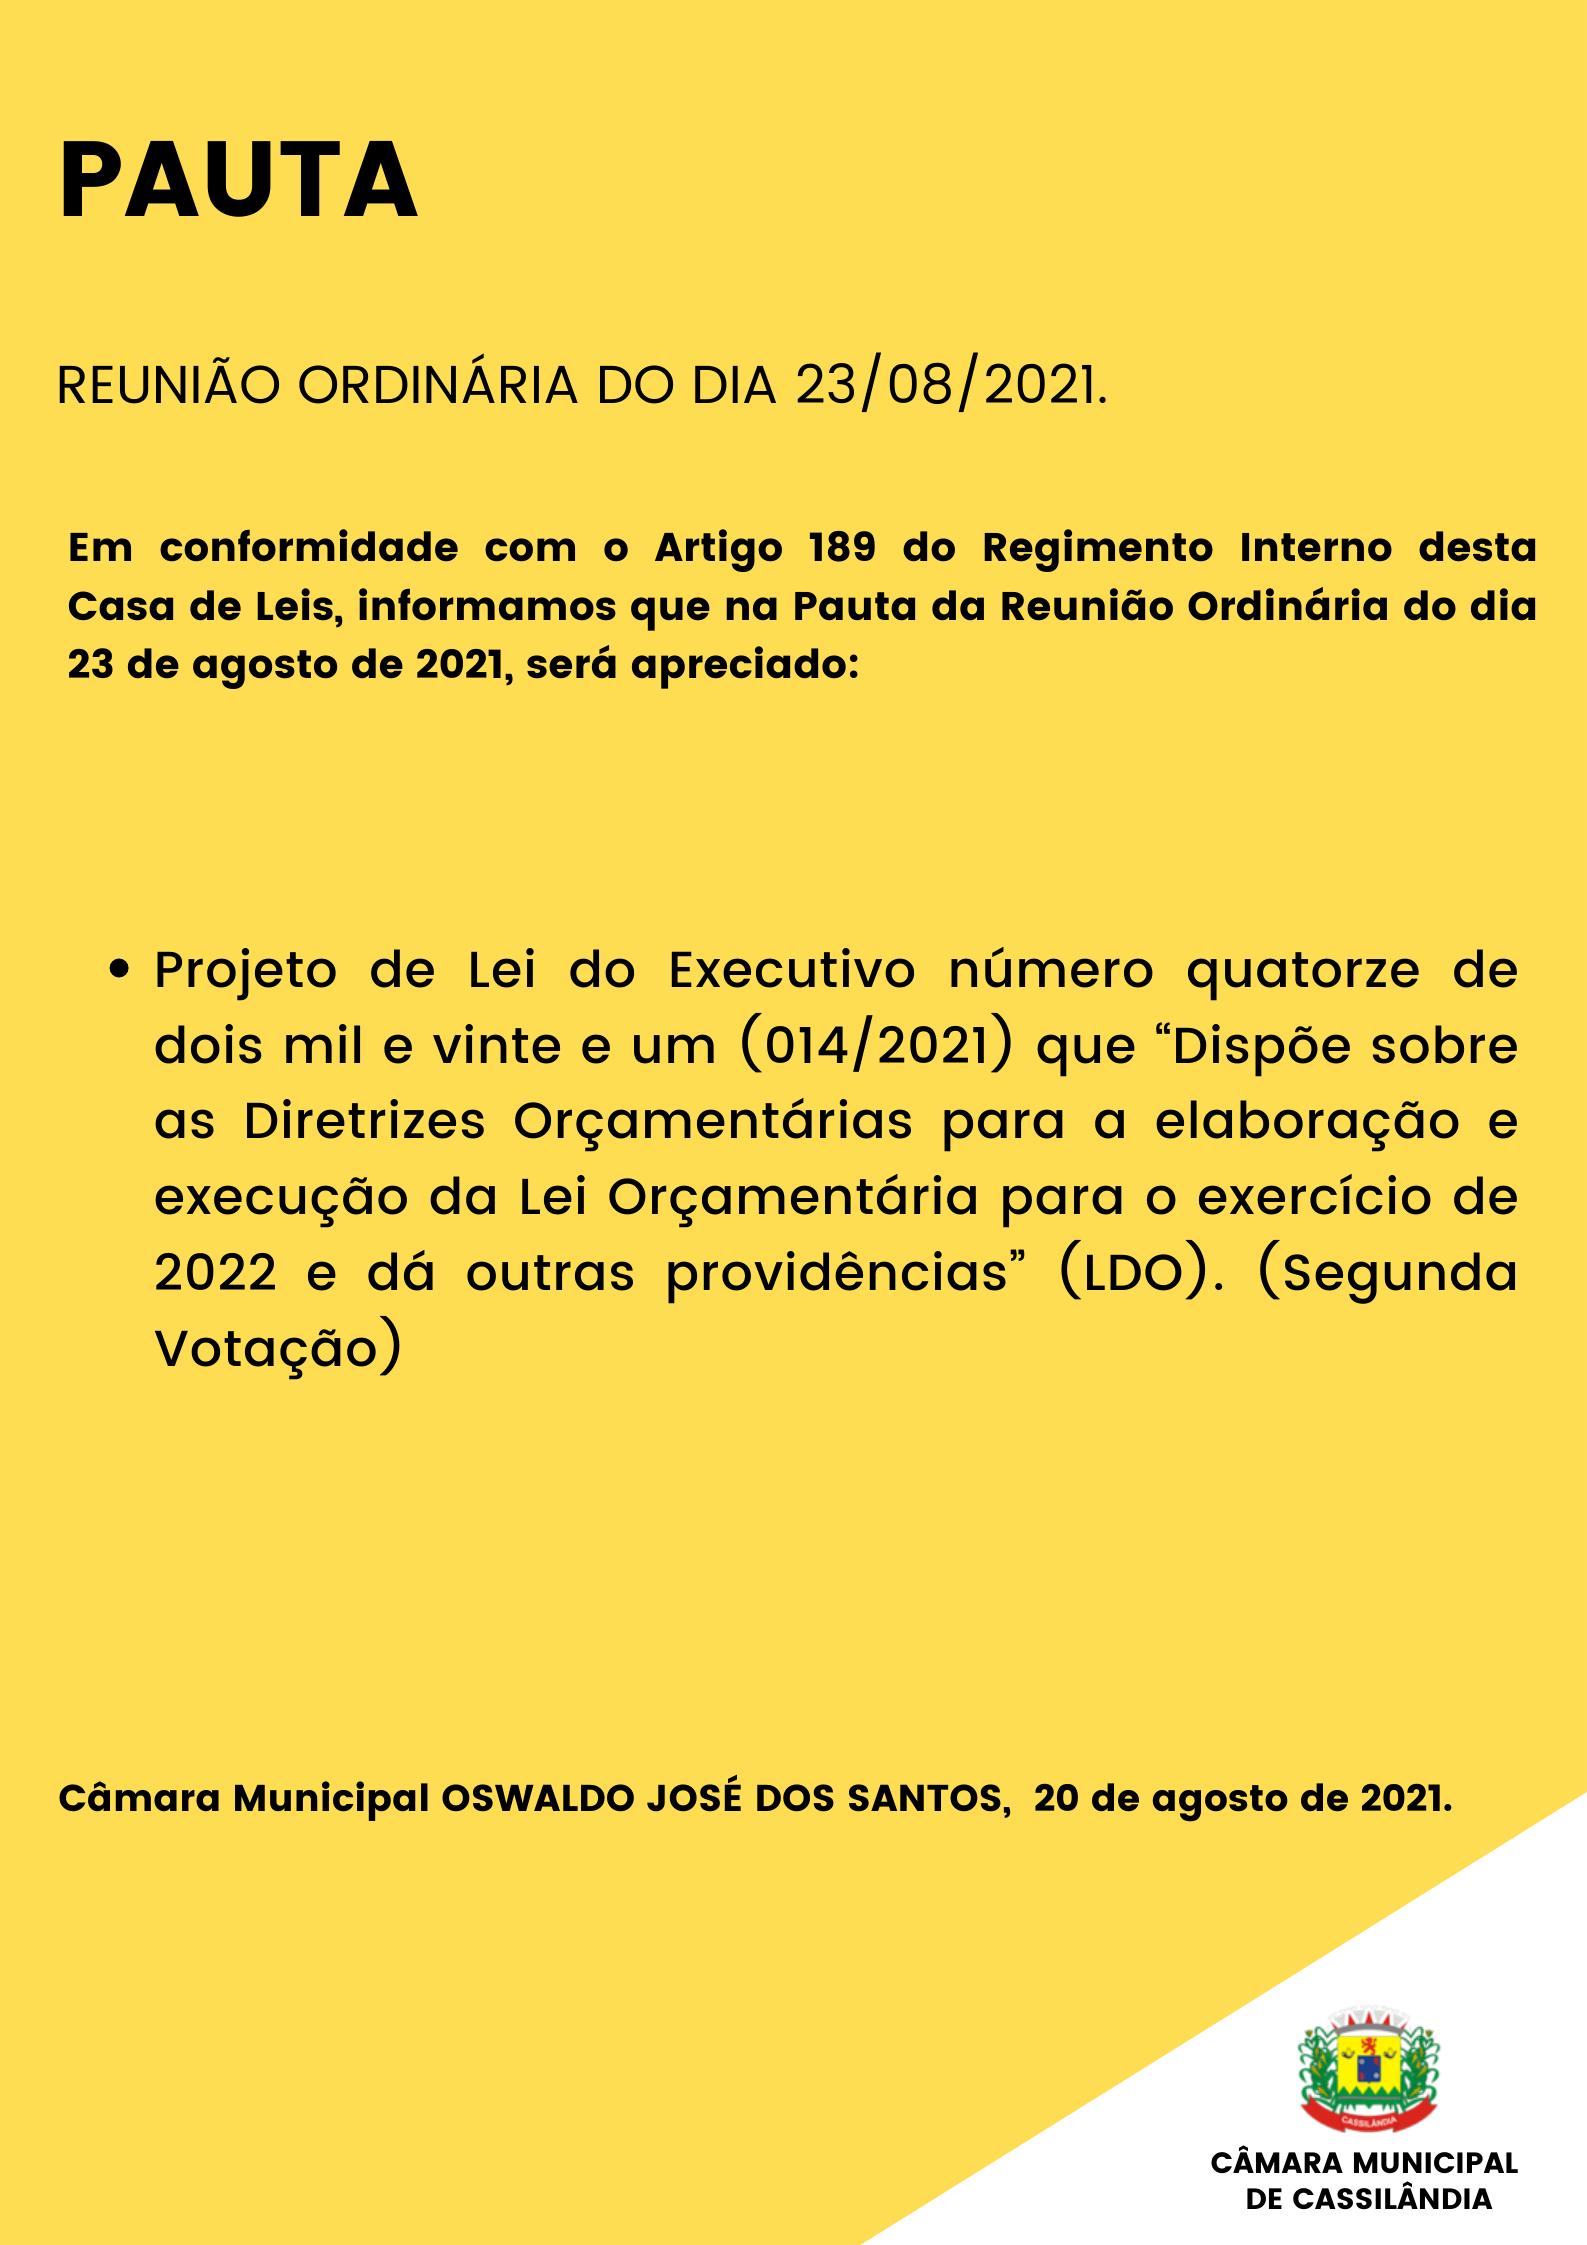 Pauta da Reunião Ordinária do dia 23/08/2021